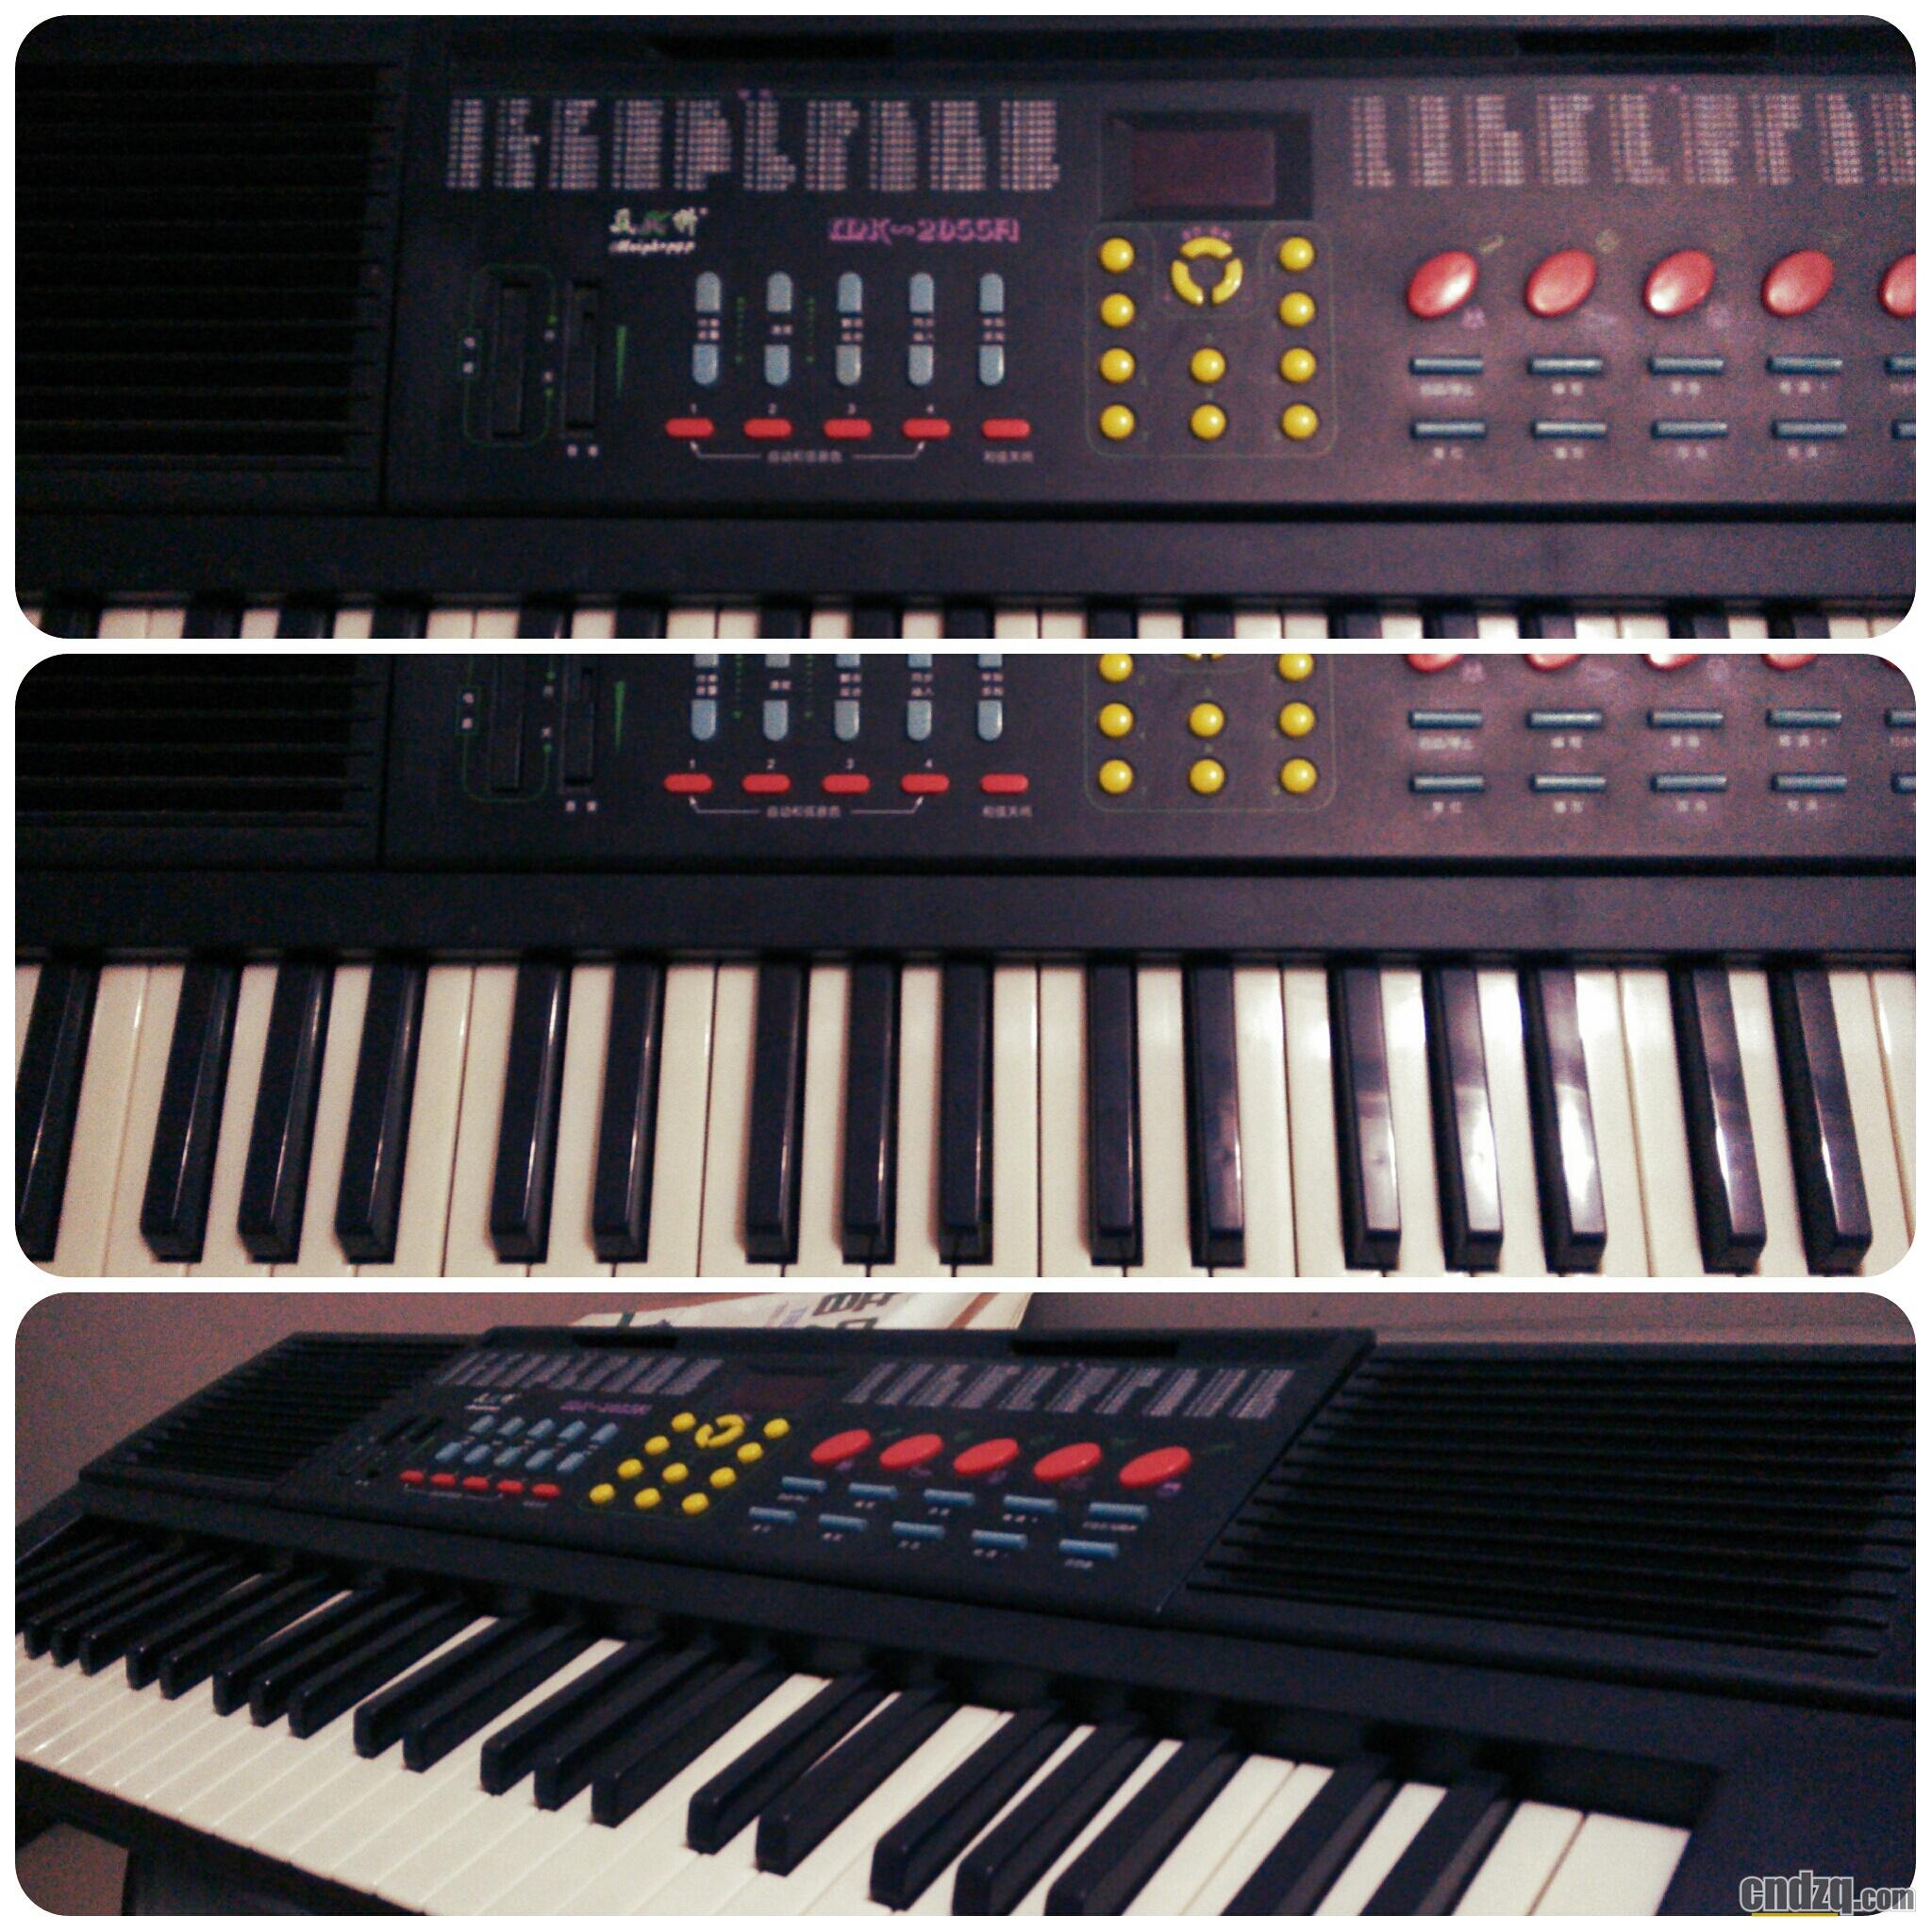 论坛 69 键盘主讨论区 69 普及型电子琴专区 69 美科mk2055a的图片